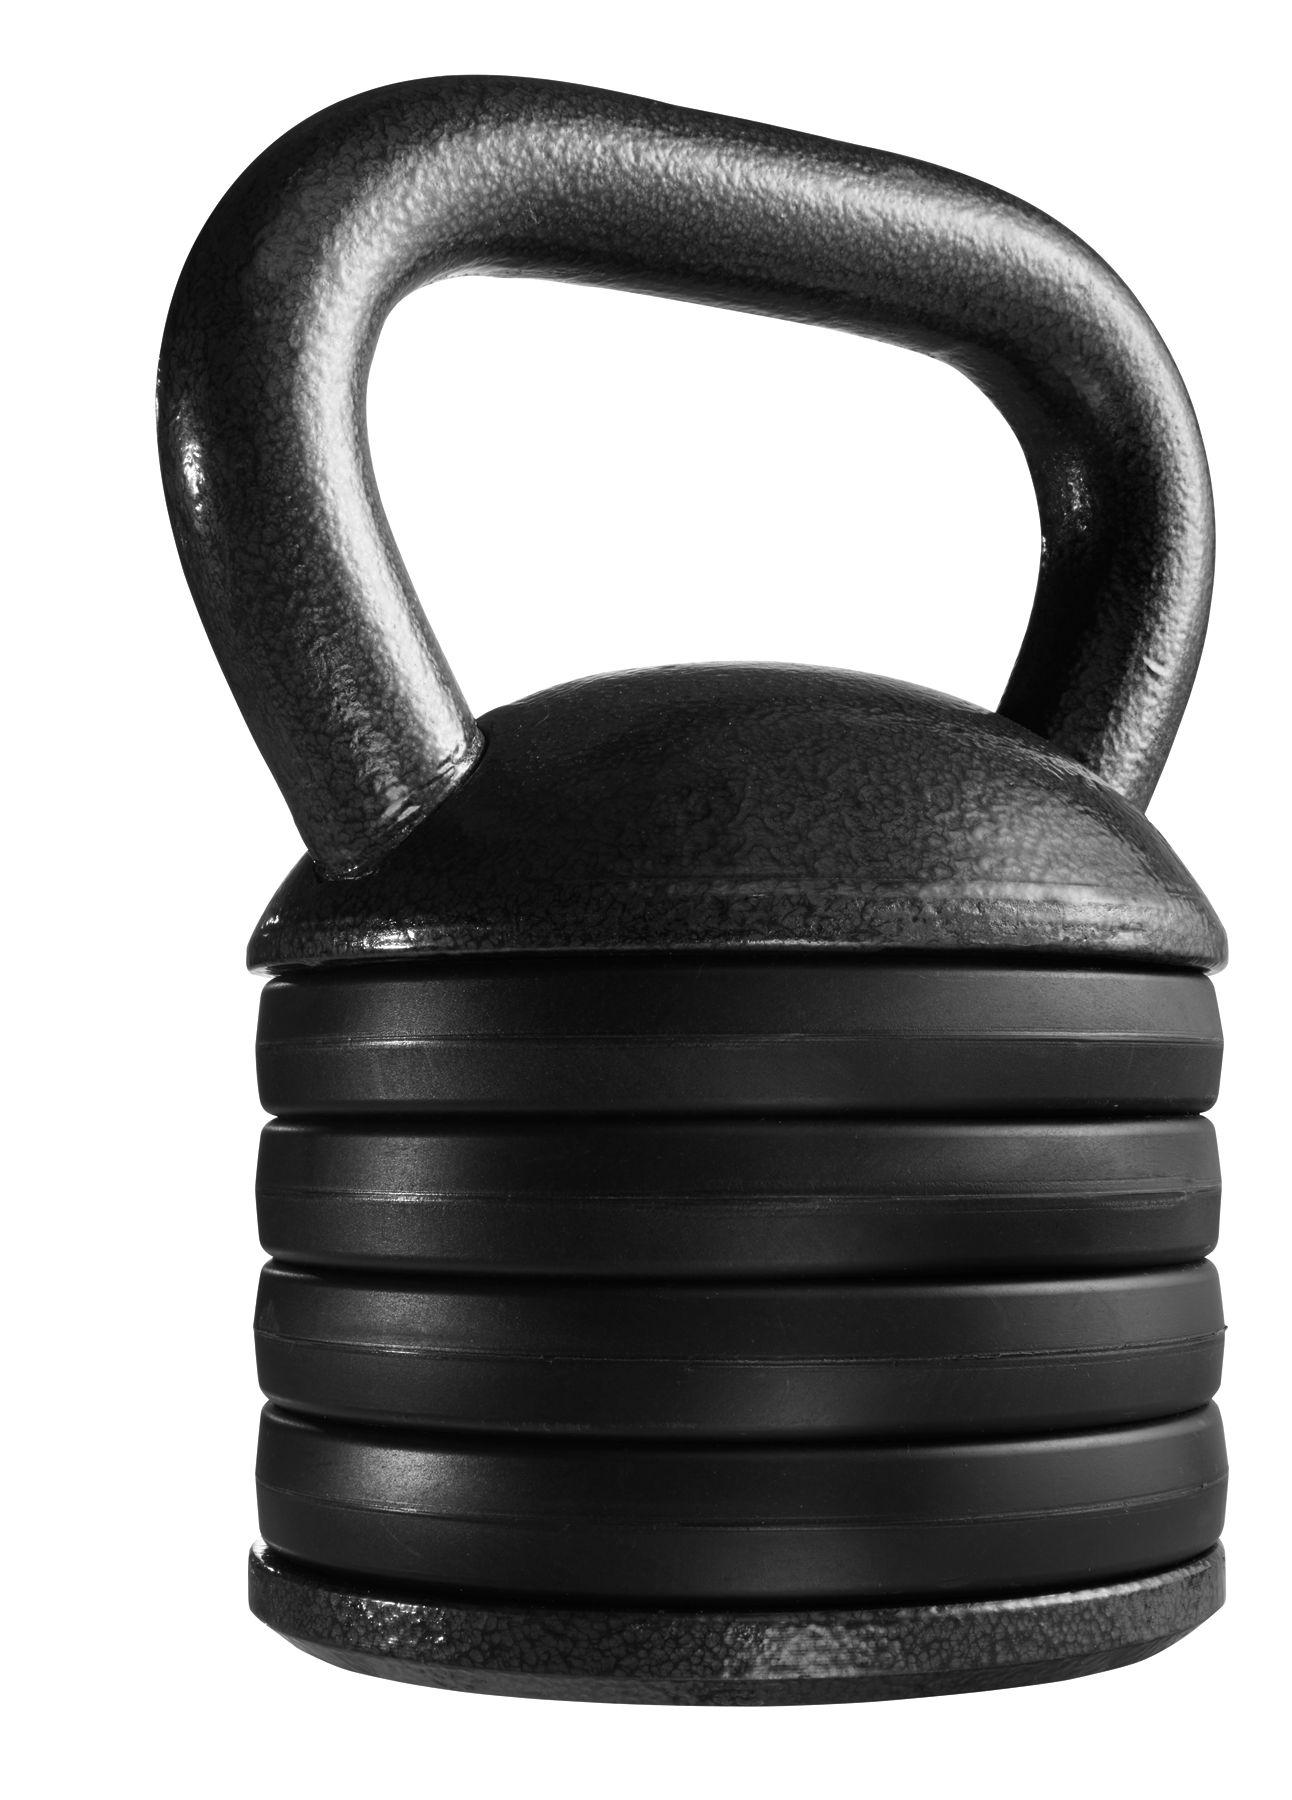 Variable Weight Kettlebell – Blog Dandk